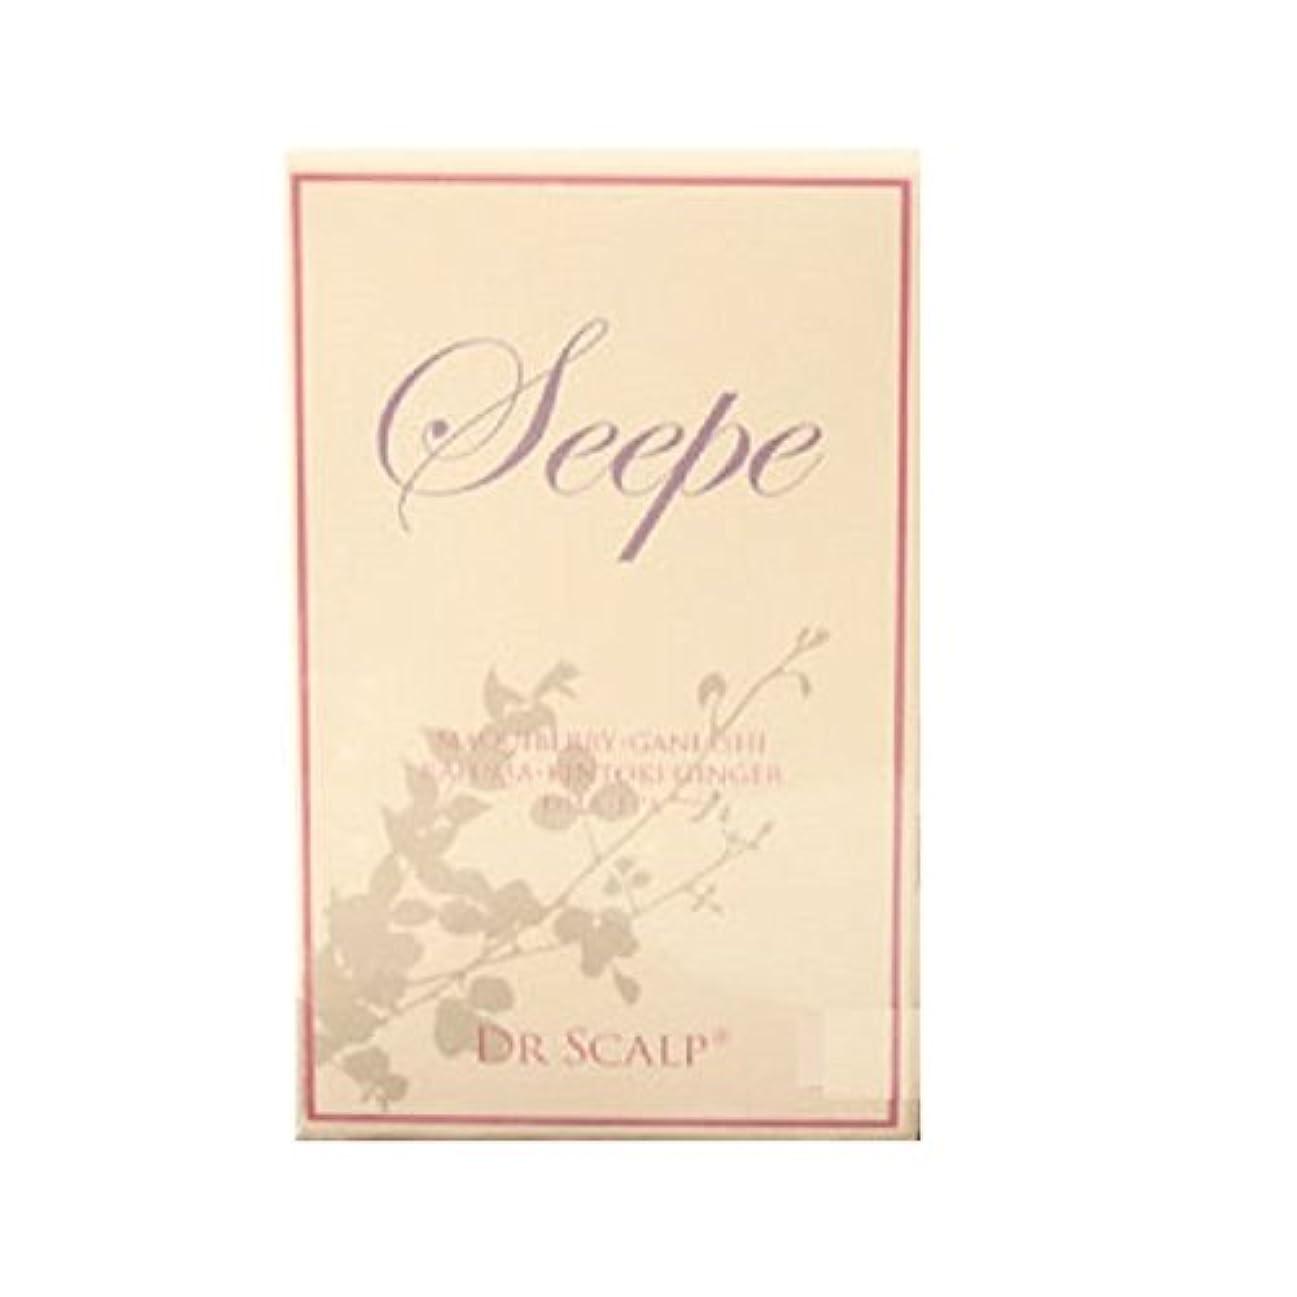 ジョージエリオット失望踏みつけドクタースカルプ DR.SCALP(ドクタースカルプ)SEEPE(シープ) (サプリメント)※プロジェクトサプリメントのリニューアル商品です《60粒》